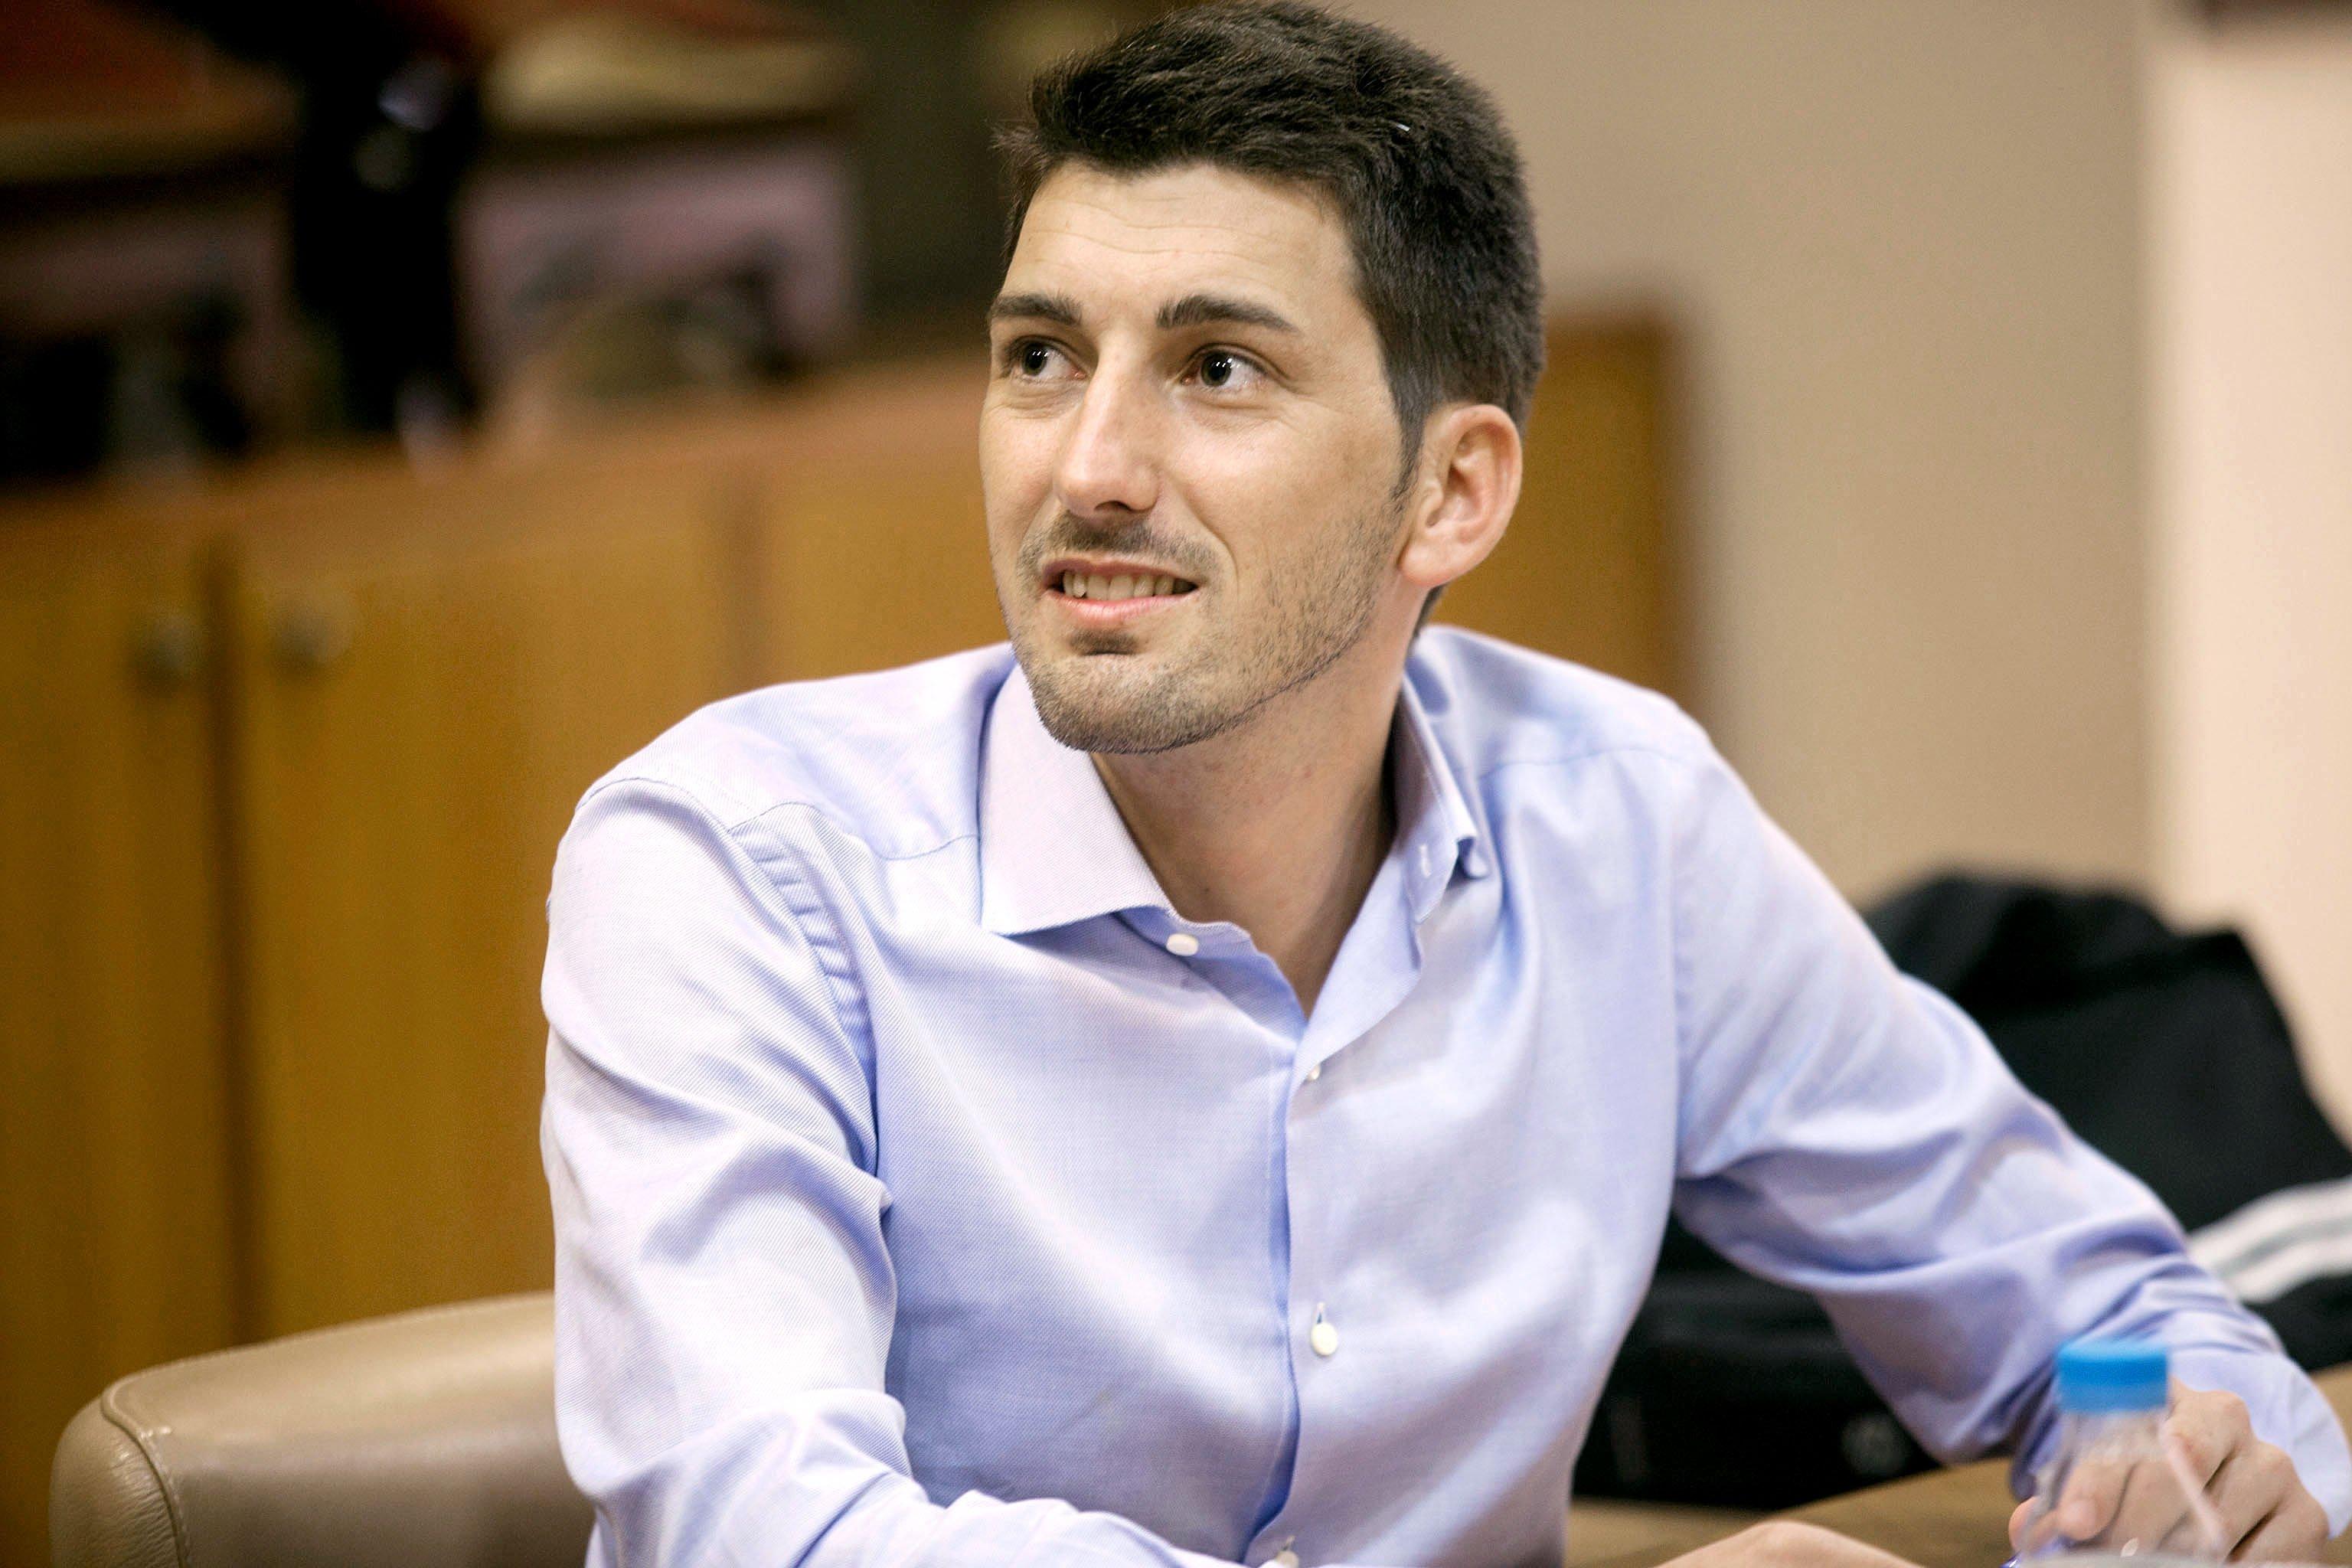 Oriol Mitjà, médico investigador en enfermedades infecciosas y salud global del Hospital Germans Trias i Pujol.